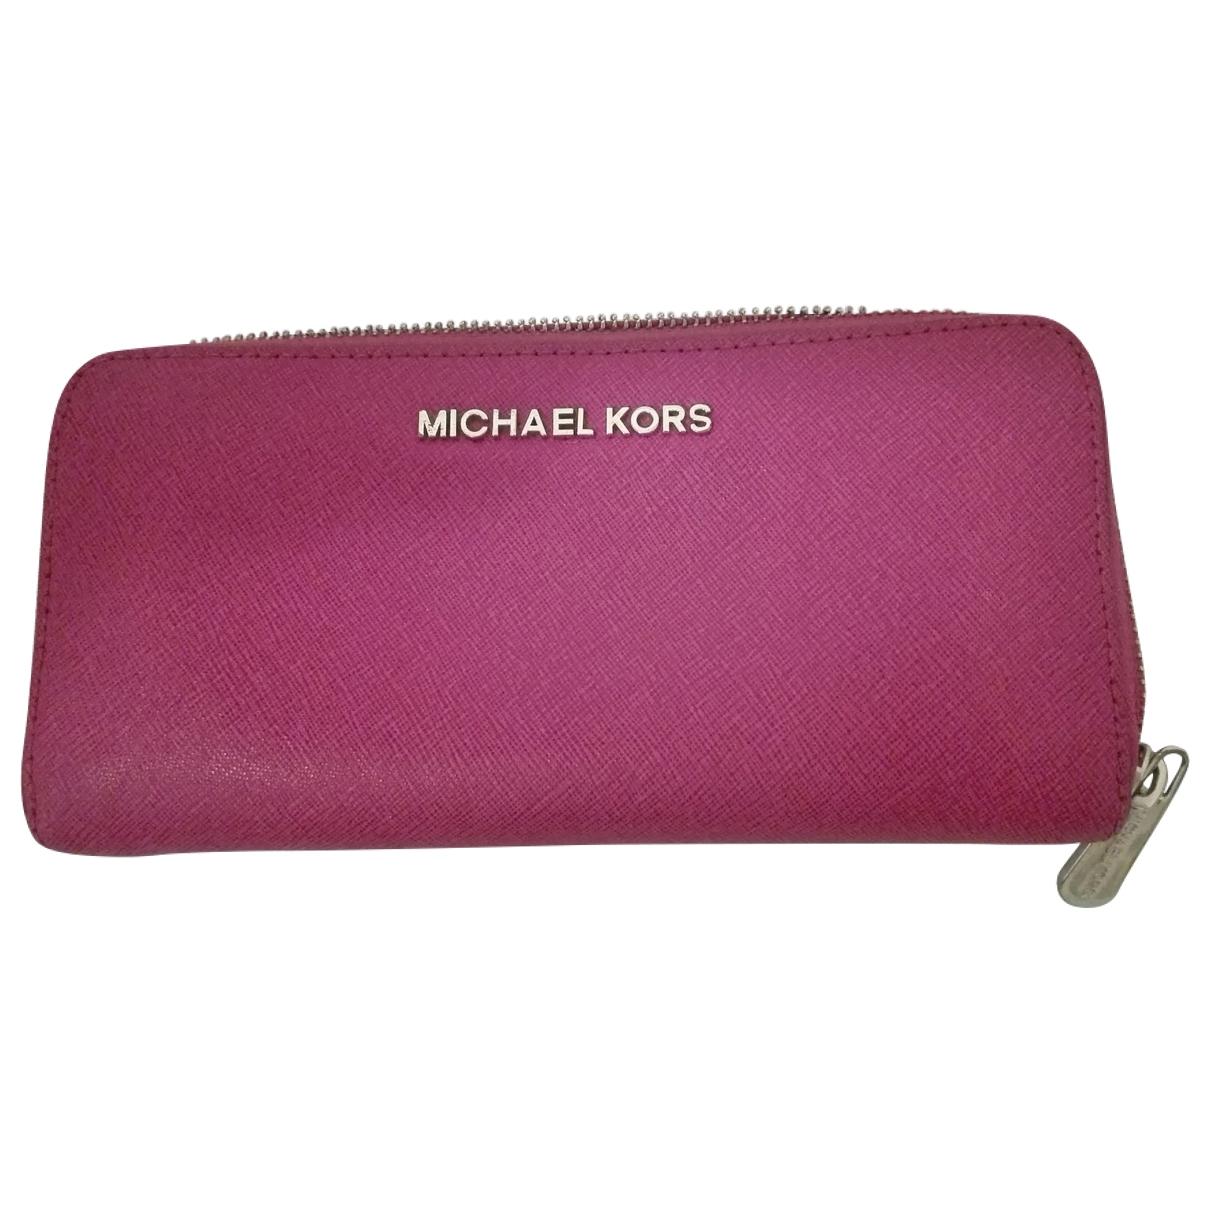 Michael Kors \N Leather wallet for Women \N